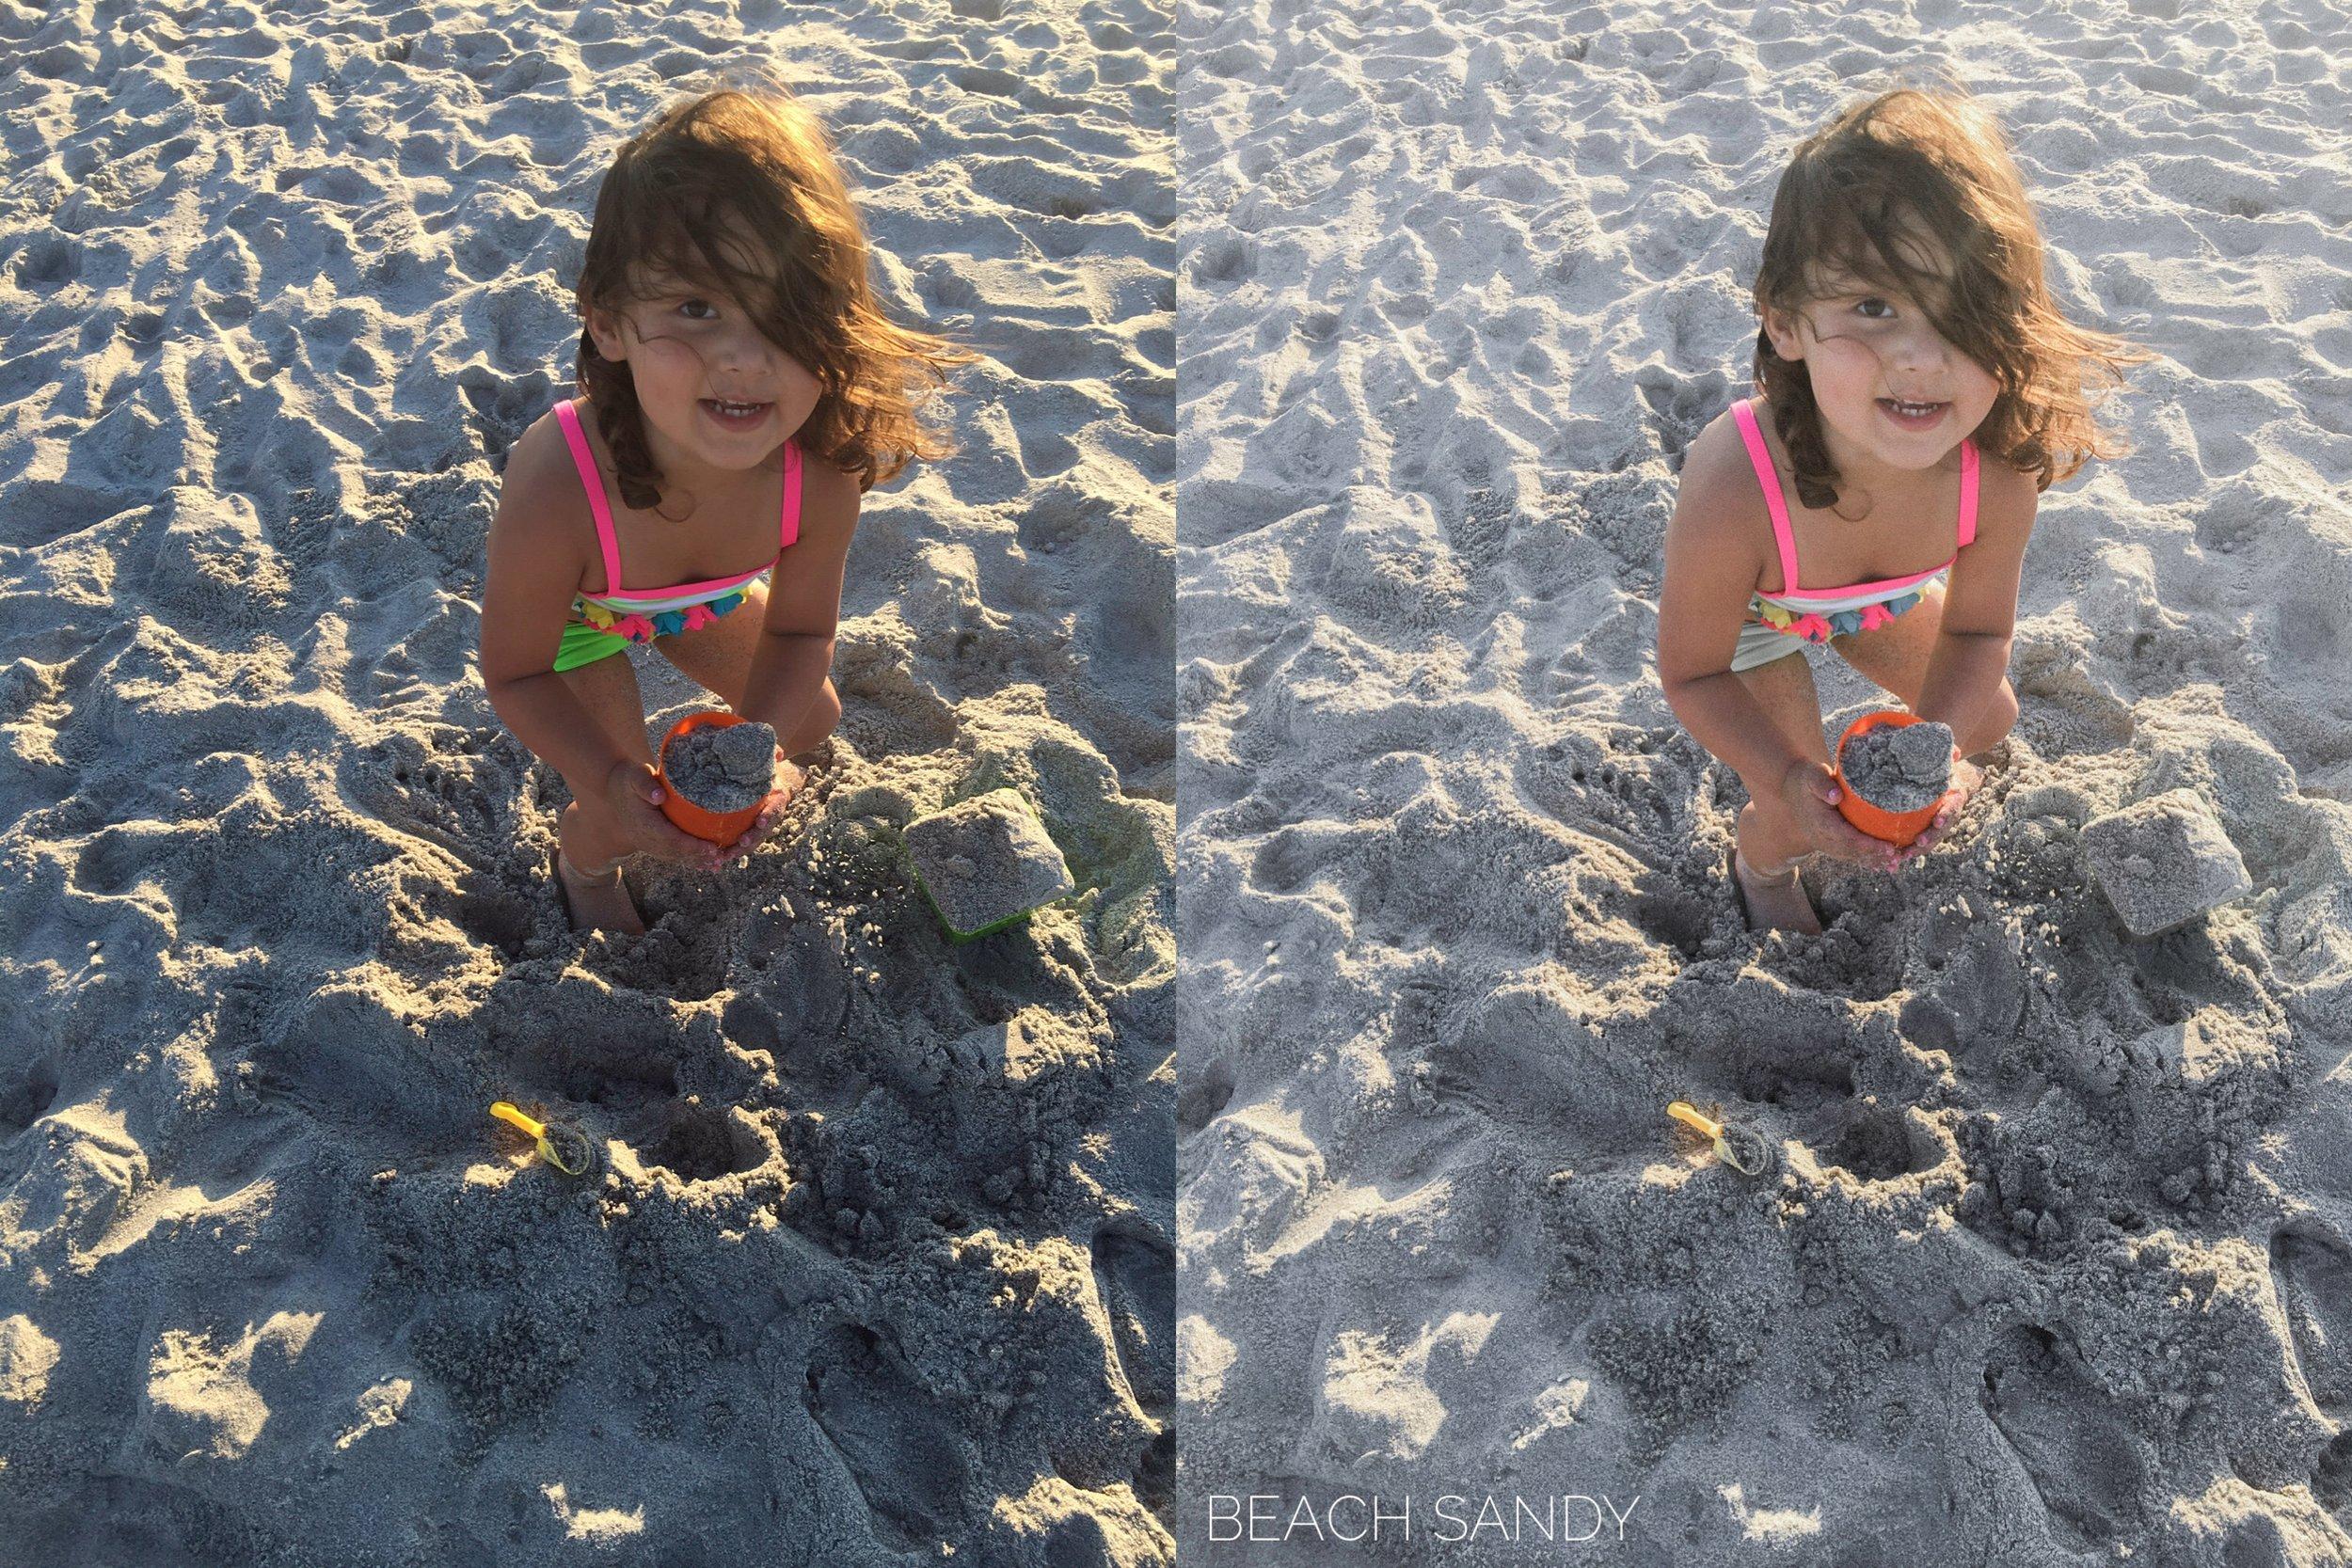 beachsandy3.JPG